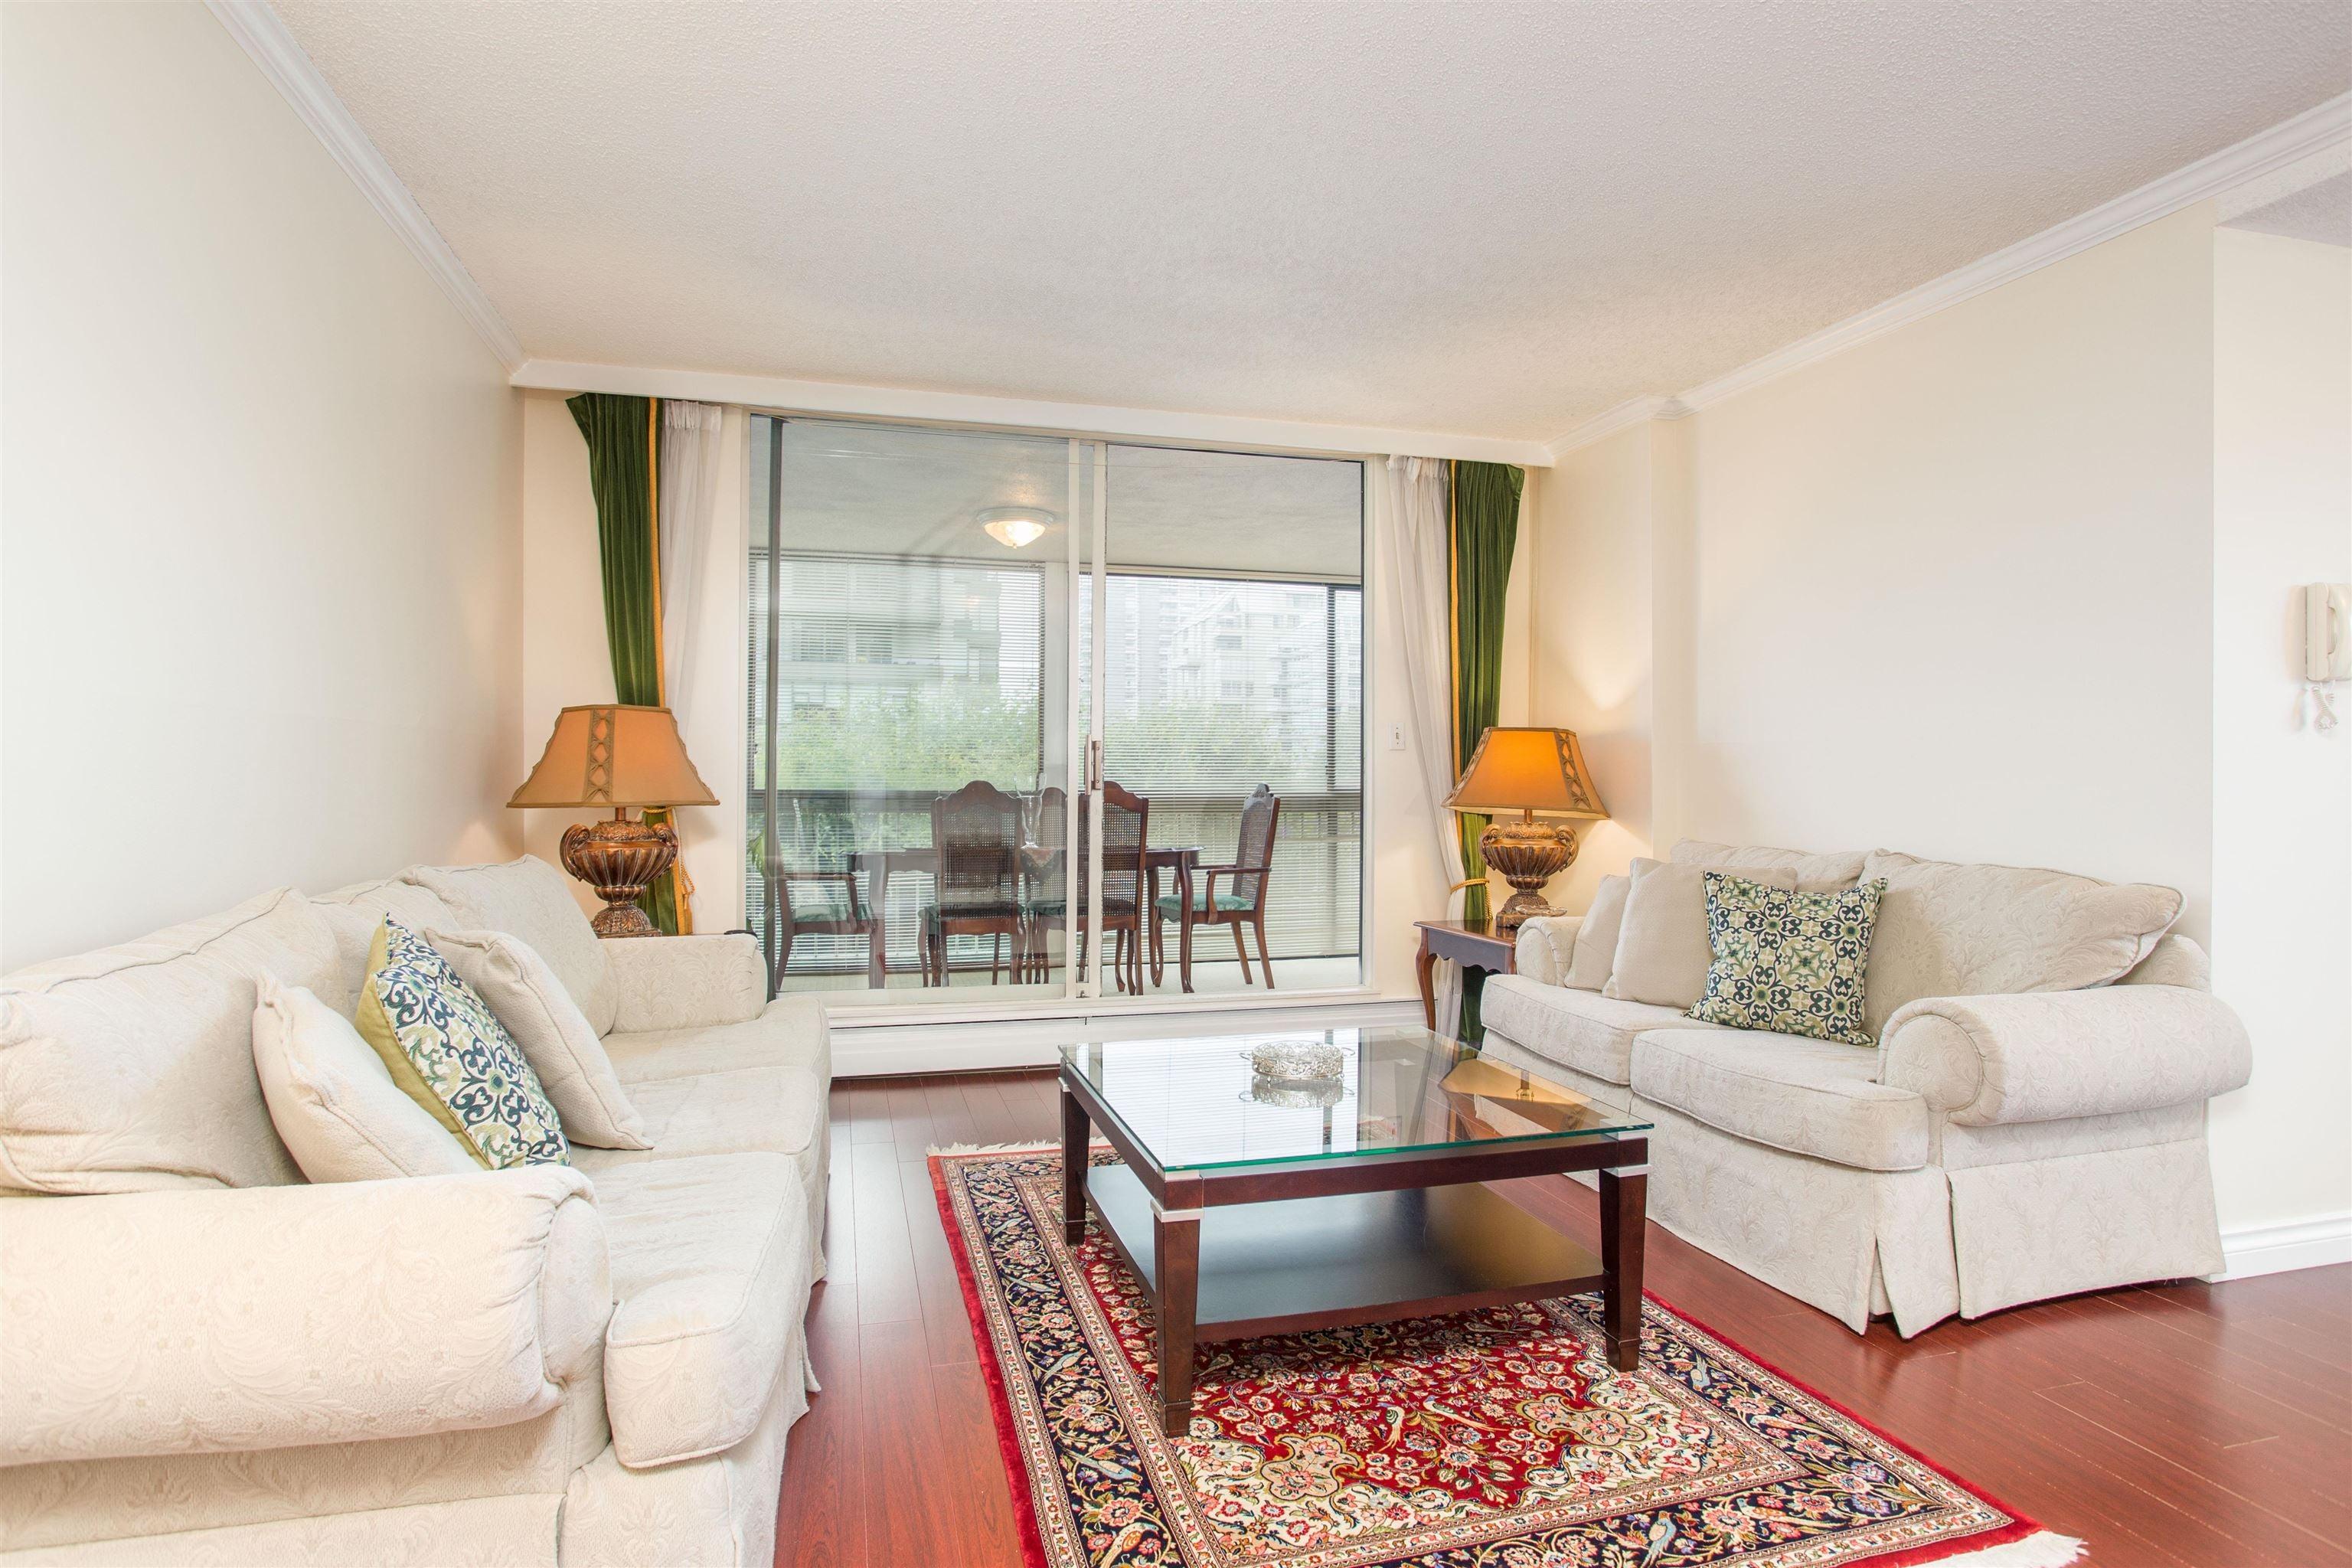 203 1390 DUCHESS AVENUE - Ambleside Apartment/Condo for sale, 1 Bedroom (R2611618) - #23